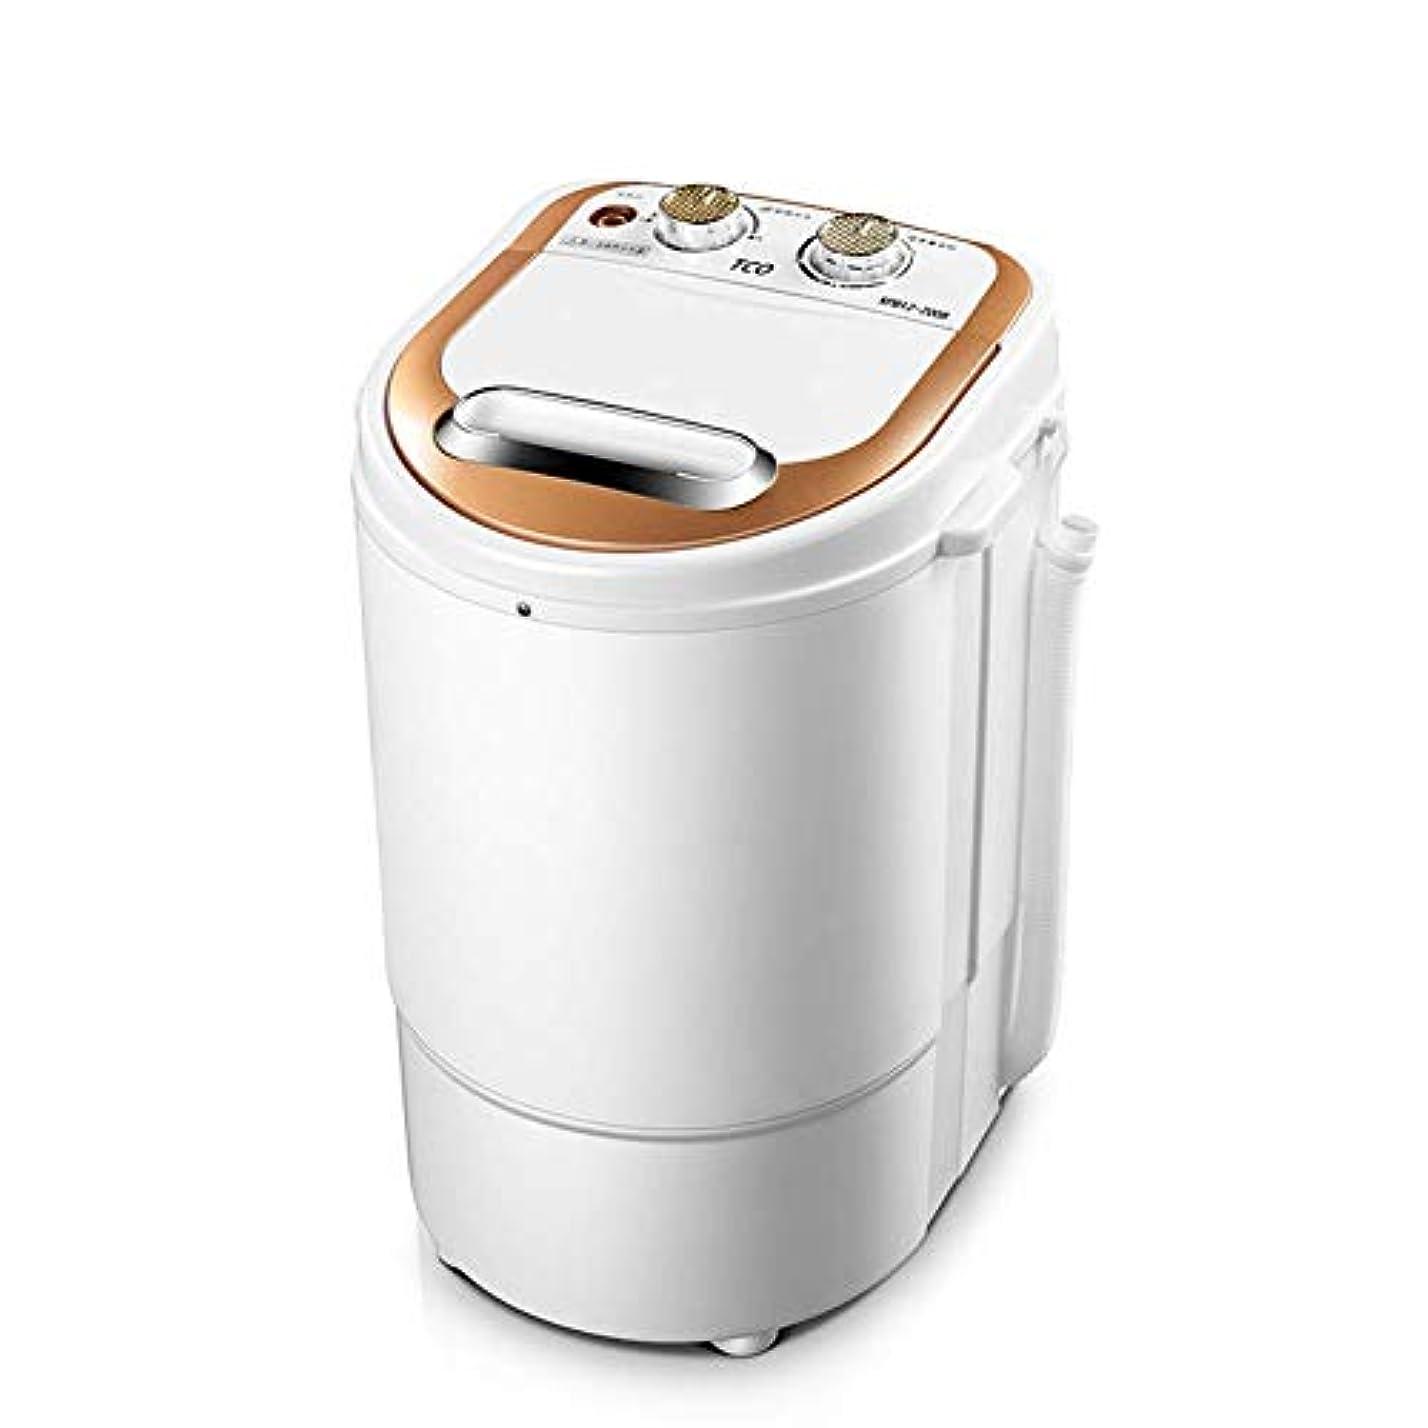 メダリスト船乗り不快な小型小型シングルバレル半自動洗濯機1.5kg洗濯能力ポータブルコンパクト260Wマイクロ洗濯機狭いスペースの寝室に最適(色:ゴールド)